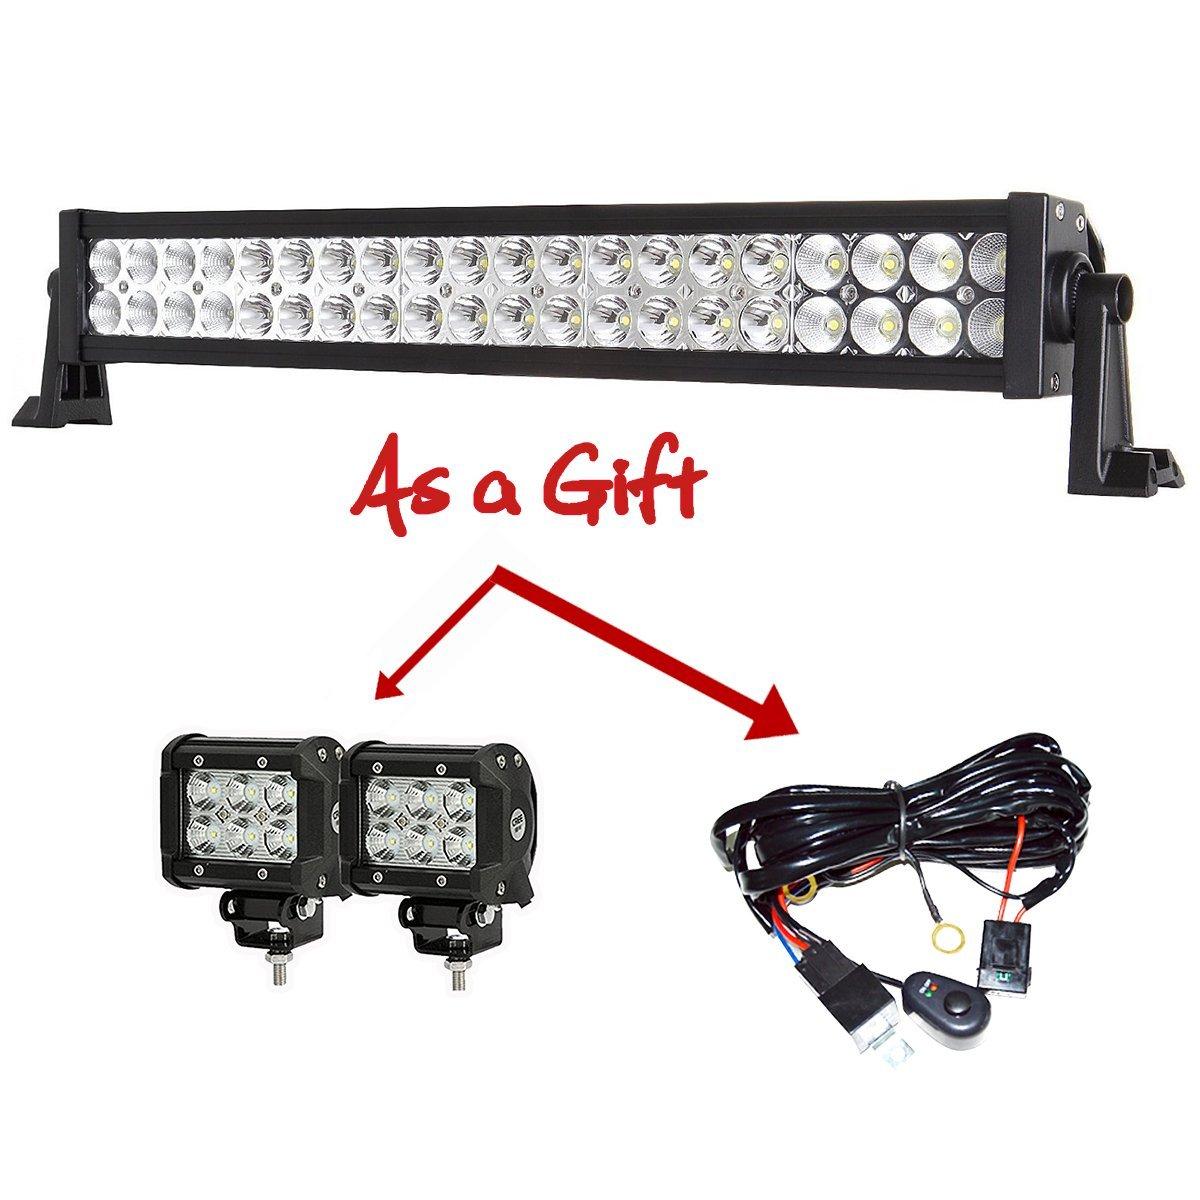 24 Led Light Bar And 4 Pods